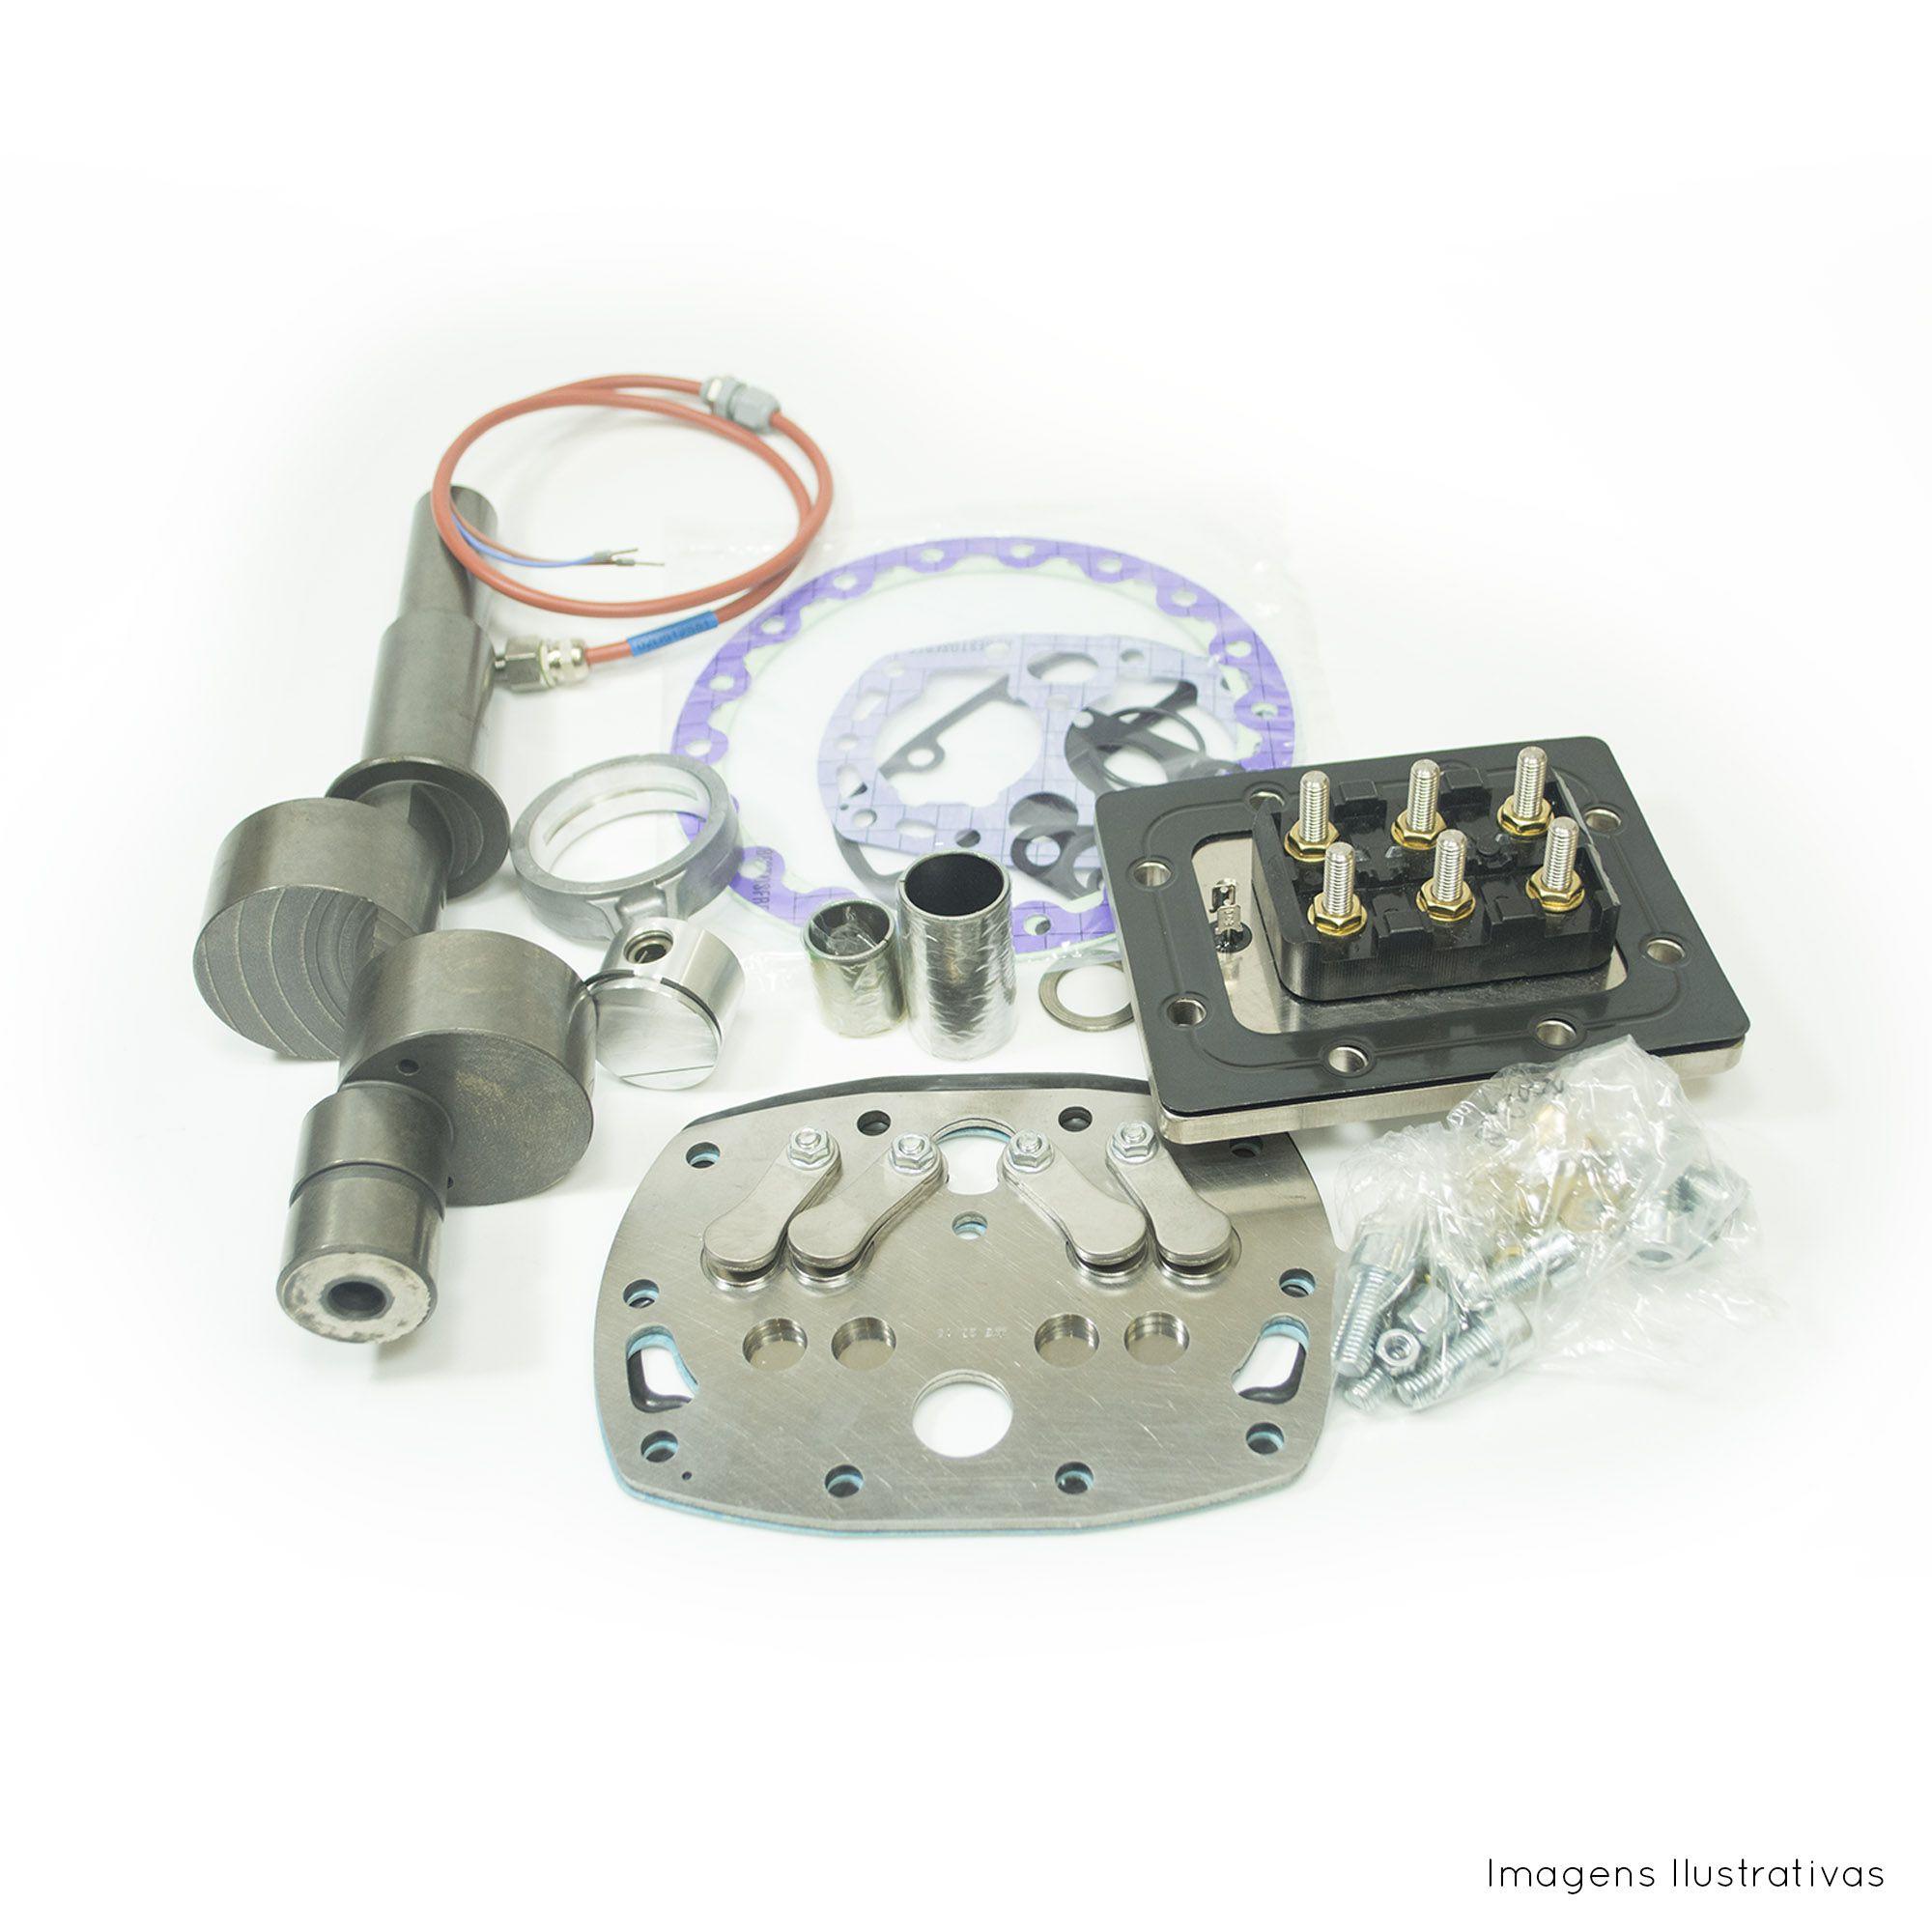 Sistema de Resfriamento do Cabeçote - 810-10081